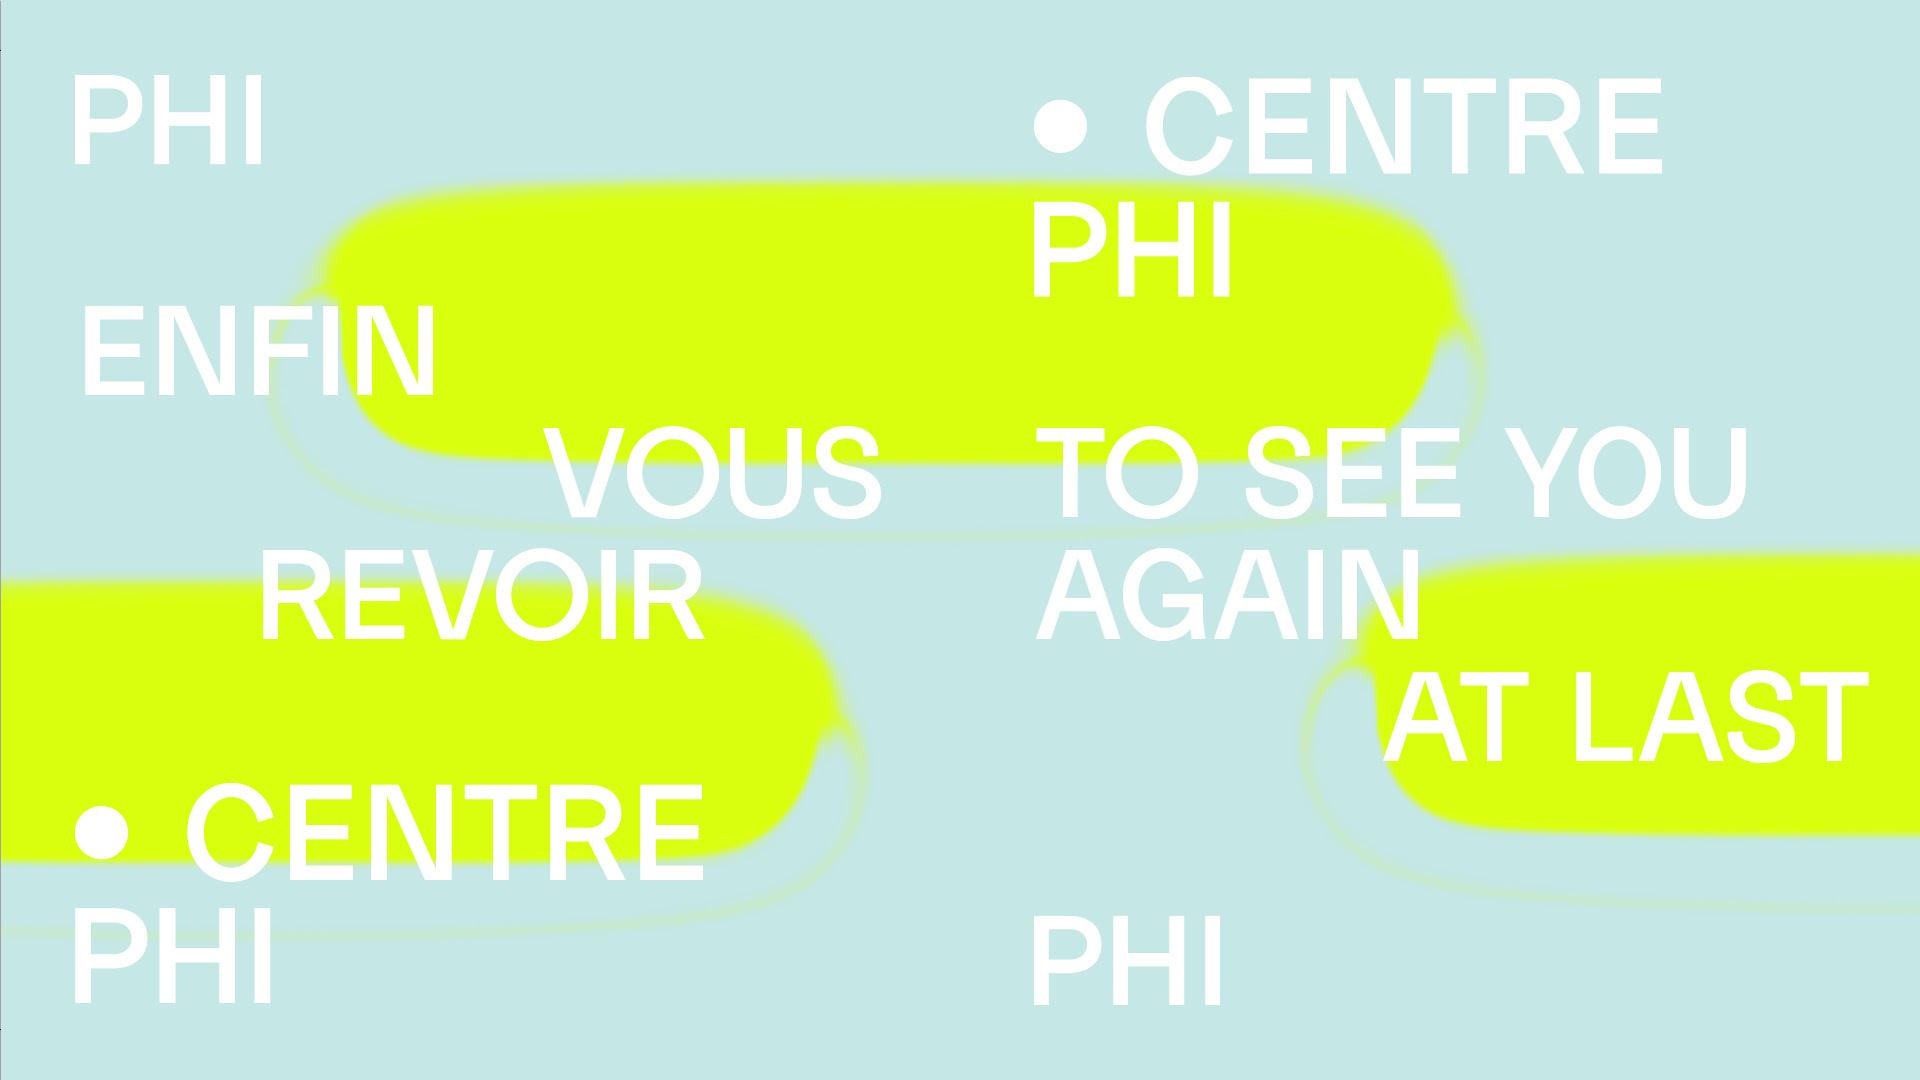 Le Centre PHI et la Fondation PHI offrent deux expositions estivales